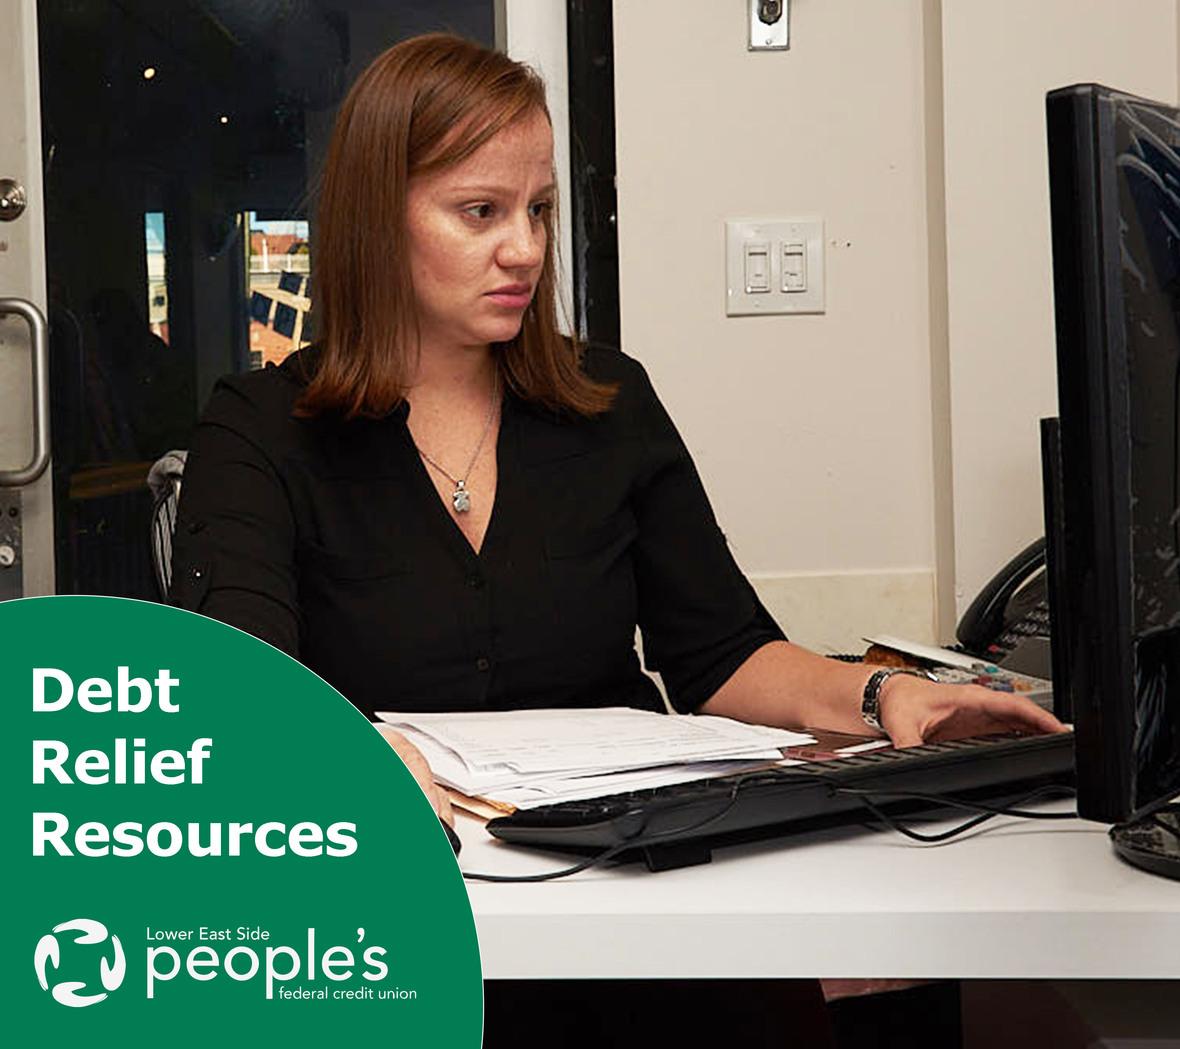 2020 debt relief resource